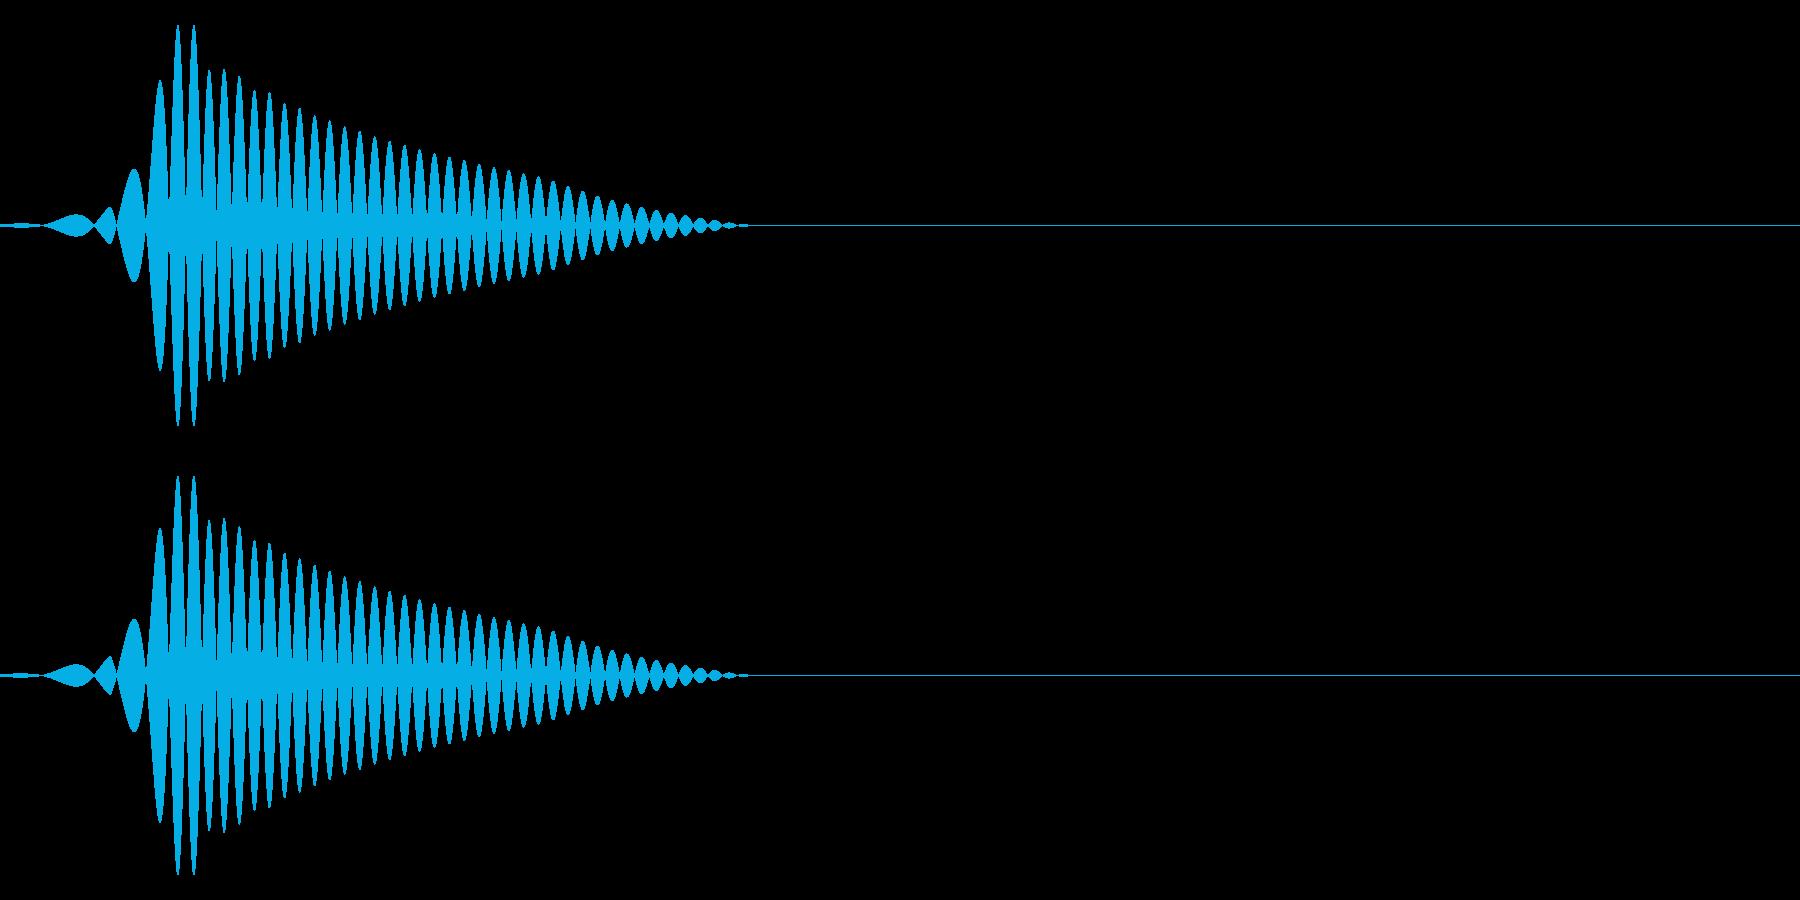 ポォンッ(短めの音色)の再生済みの波形